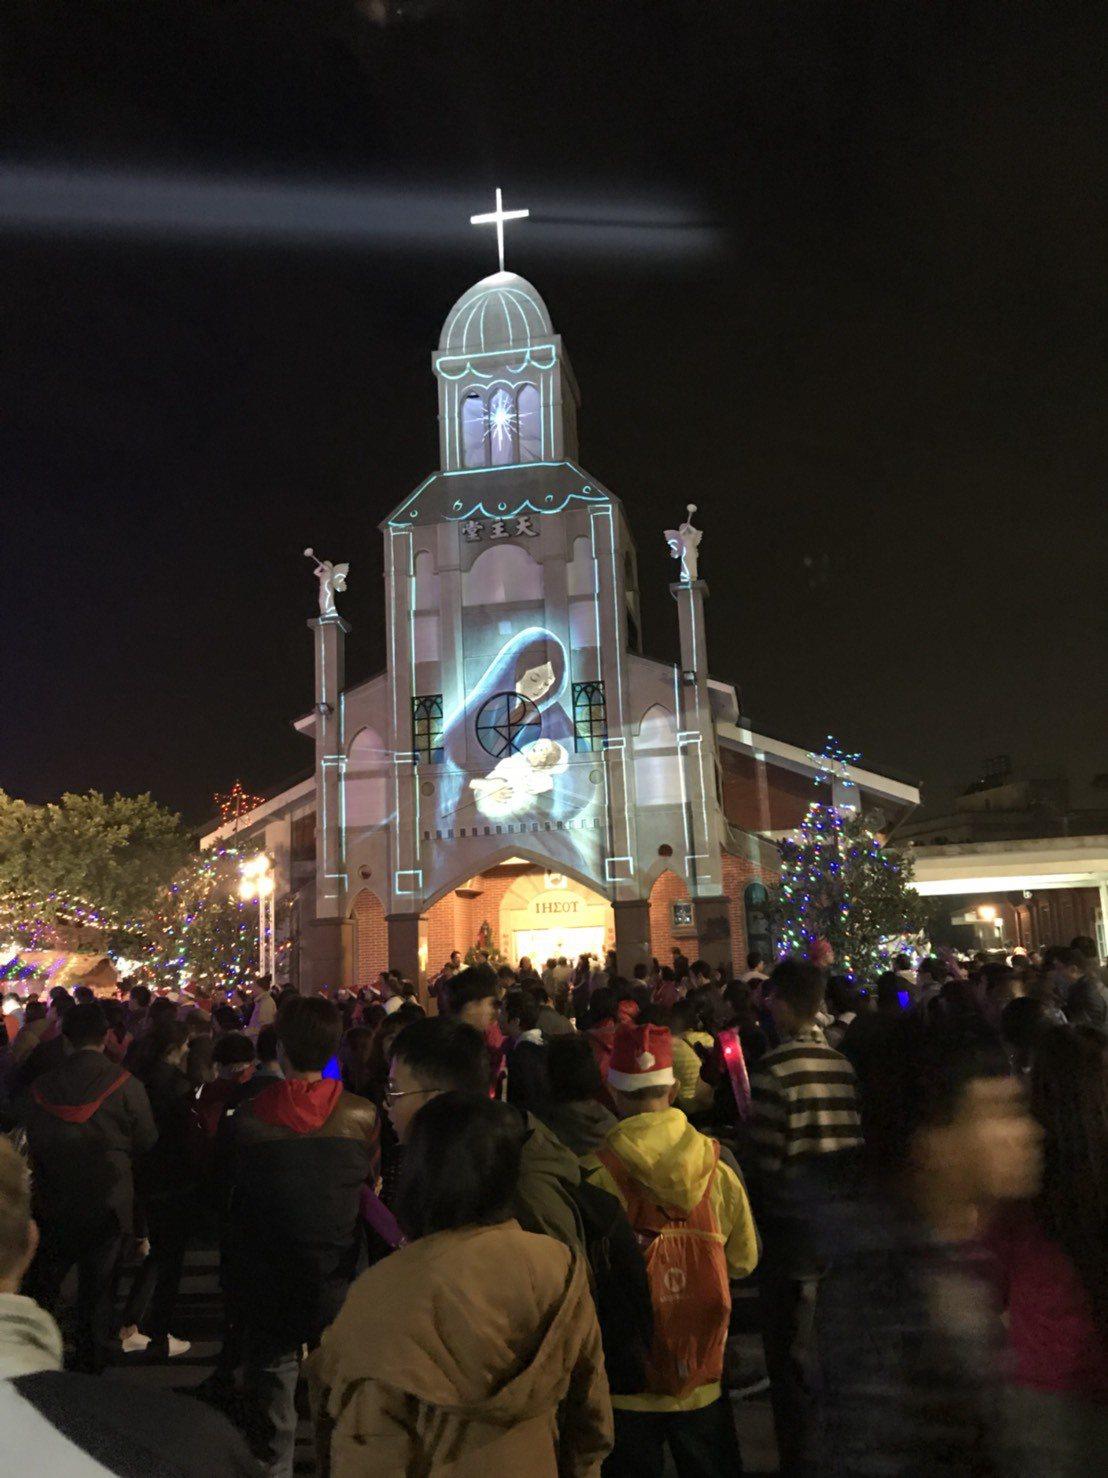 彰化縣埔心鄉公所今晚在羅厝天主教堂舉辦光雕秀耶誕活動,讓大家過一個最有氣氛的耶誕...